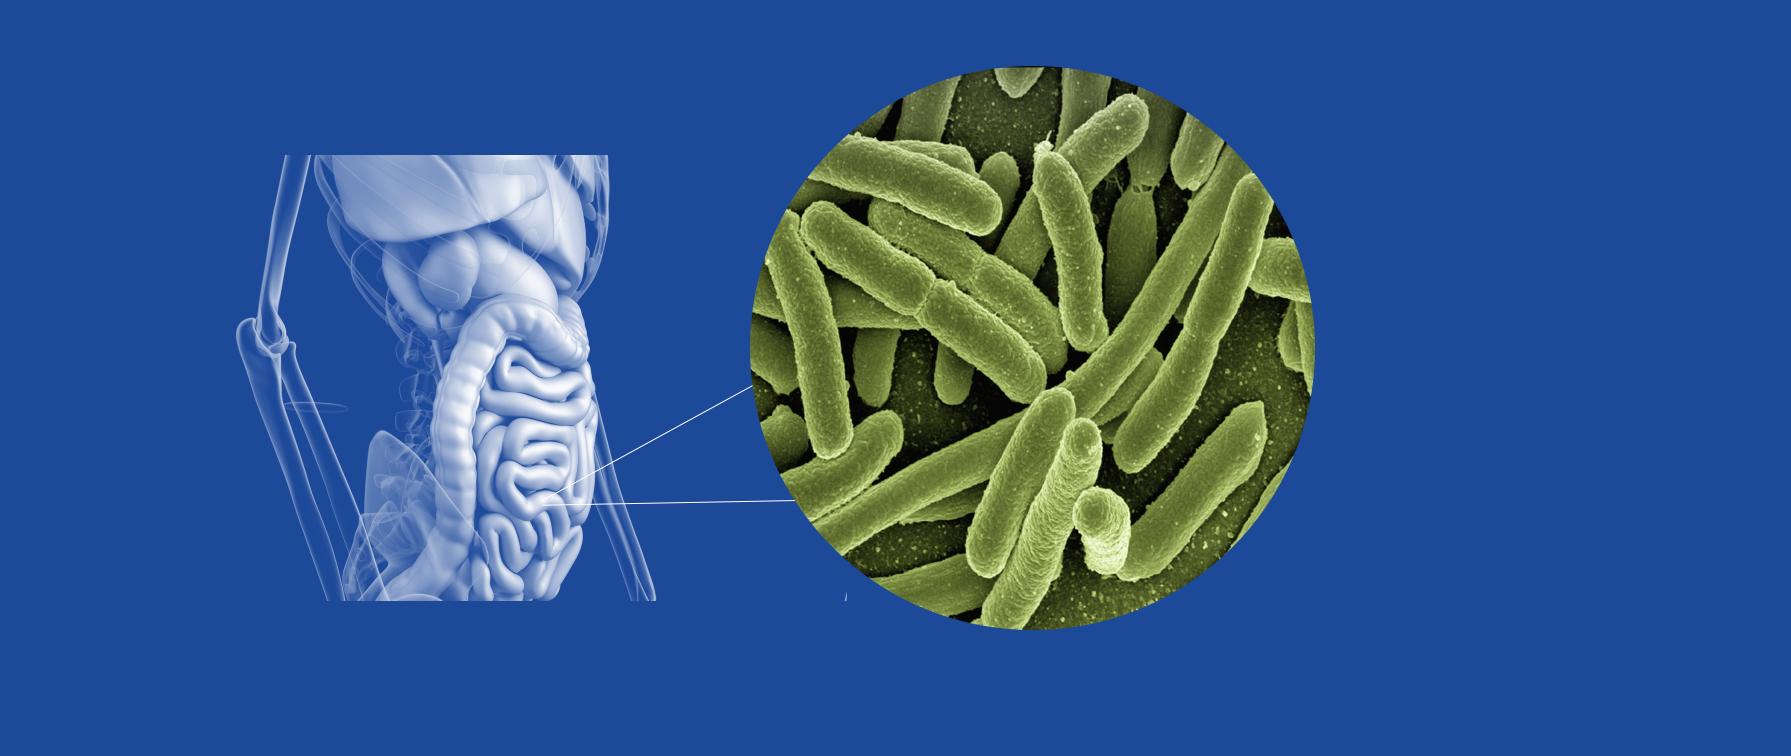 gut bacteria.png